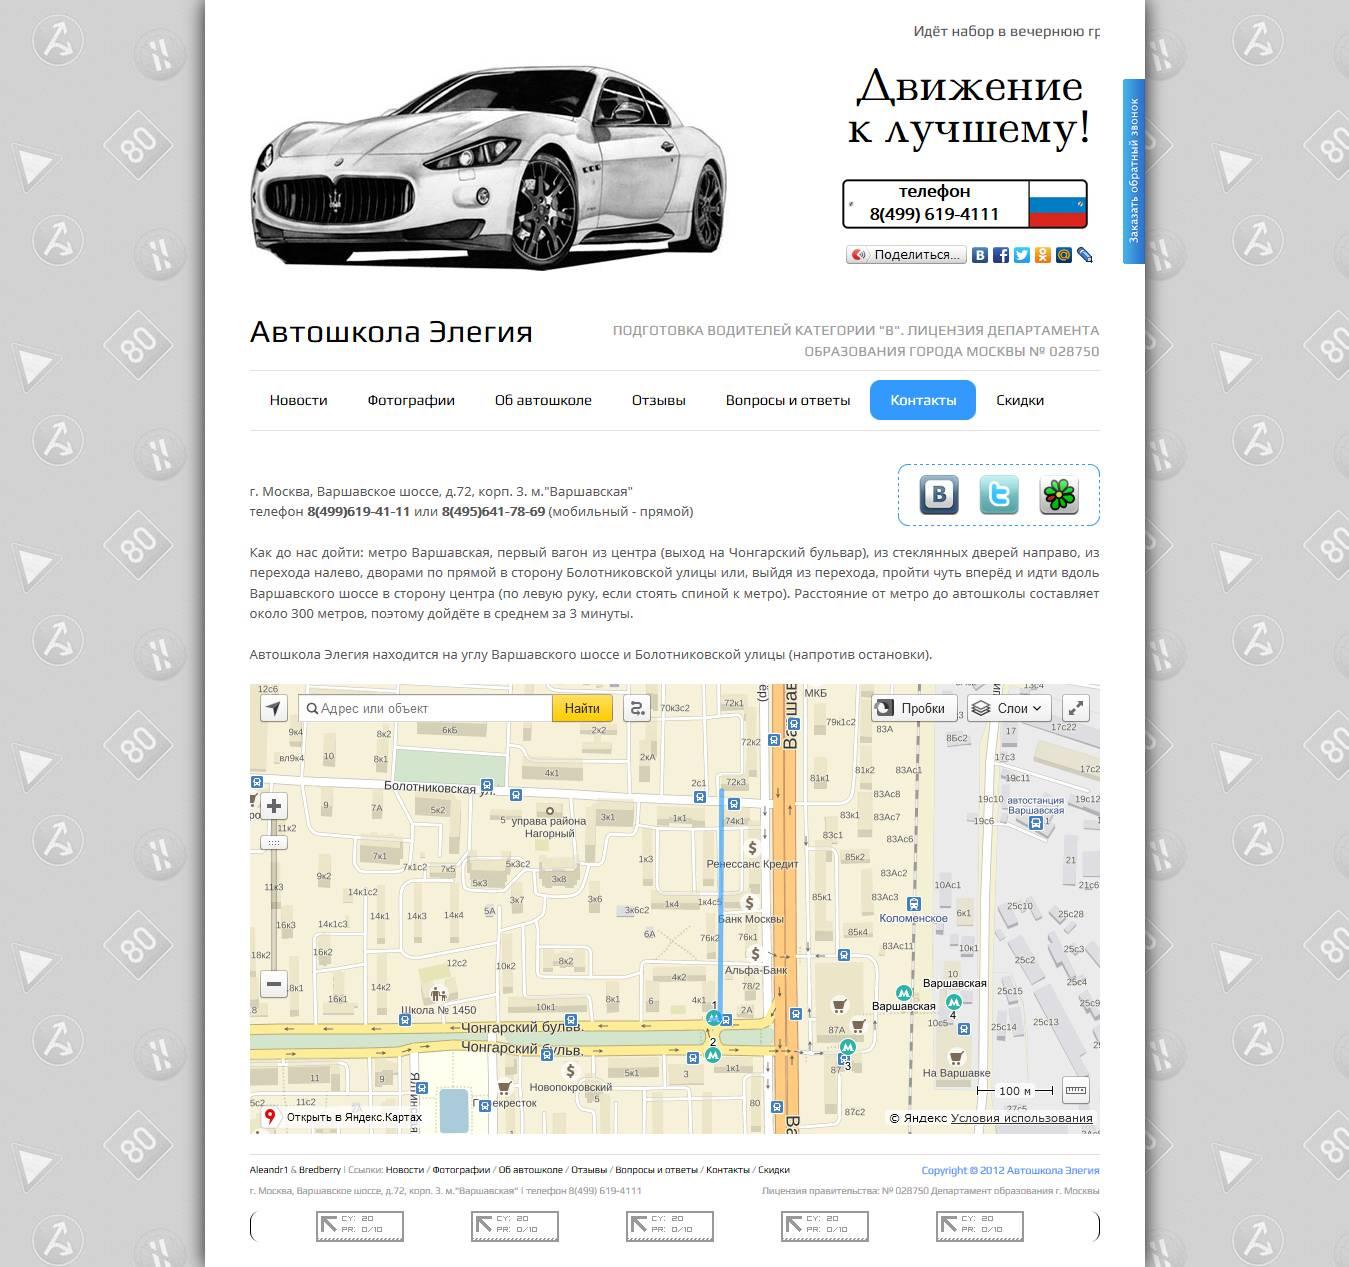 Пример сайта визитки - автошкола - контакты